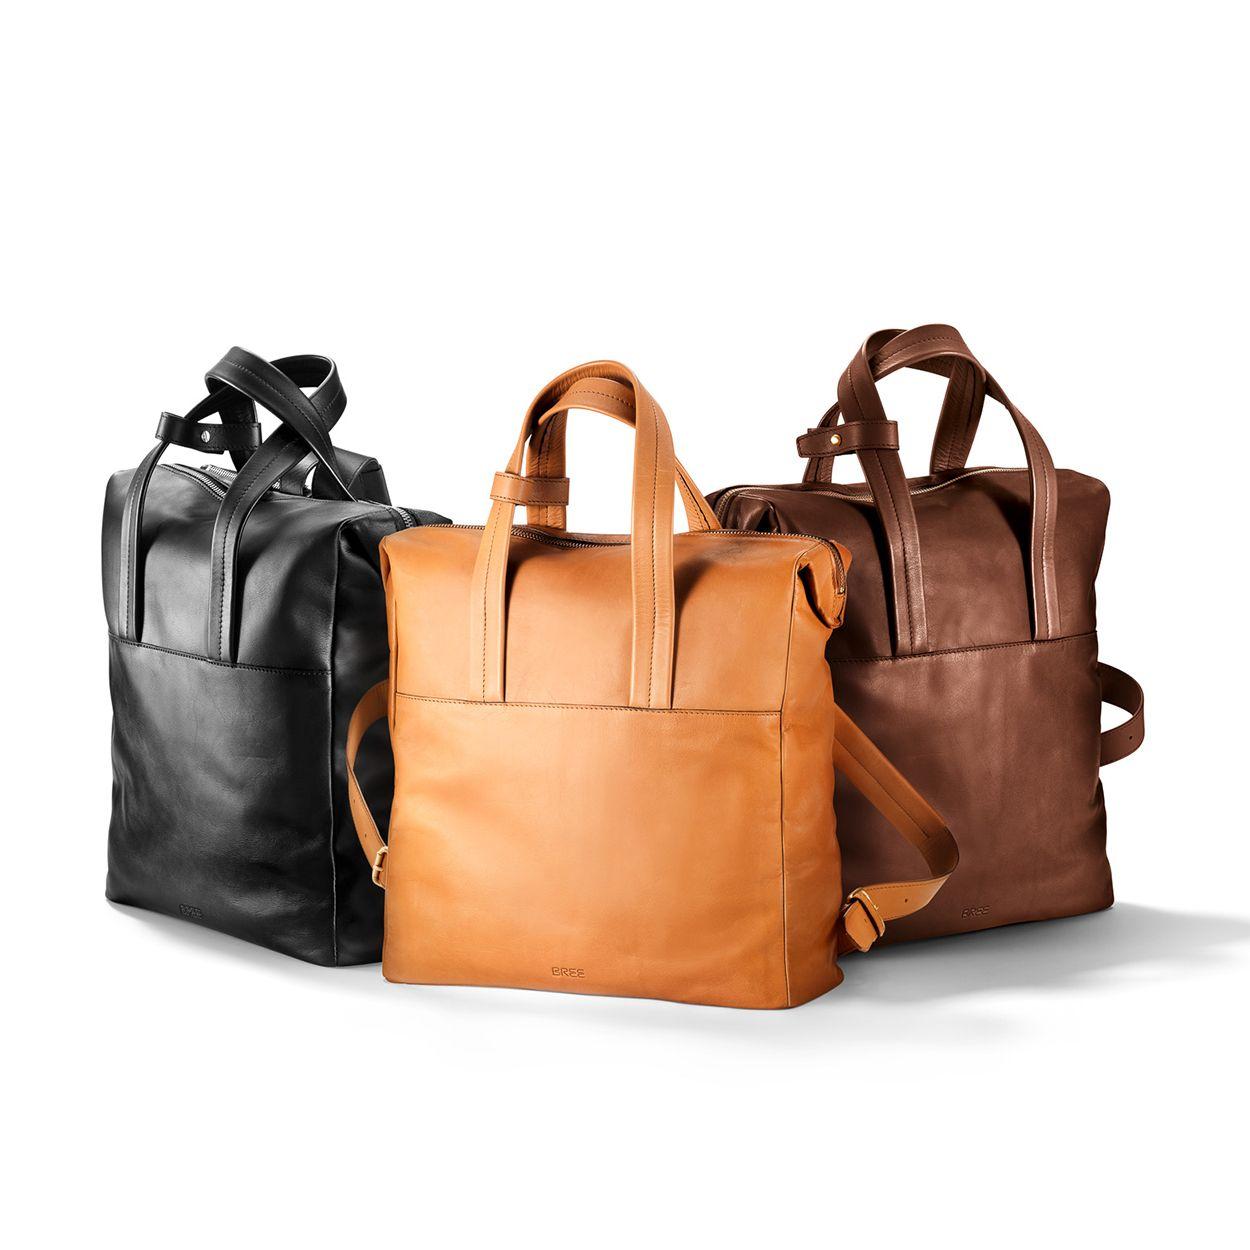 Großhandelspreis zu verkaufen 100% hohe Qualität ZEIT-Rucksack & Shopper »DIE ZEIT 17« von BREE